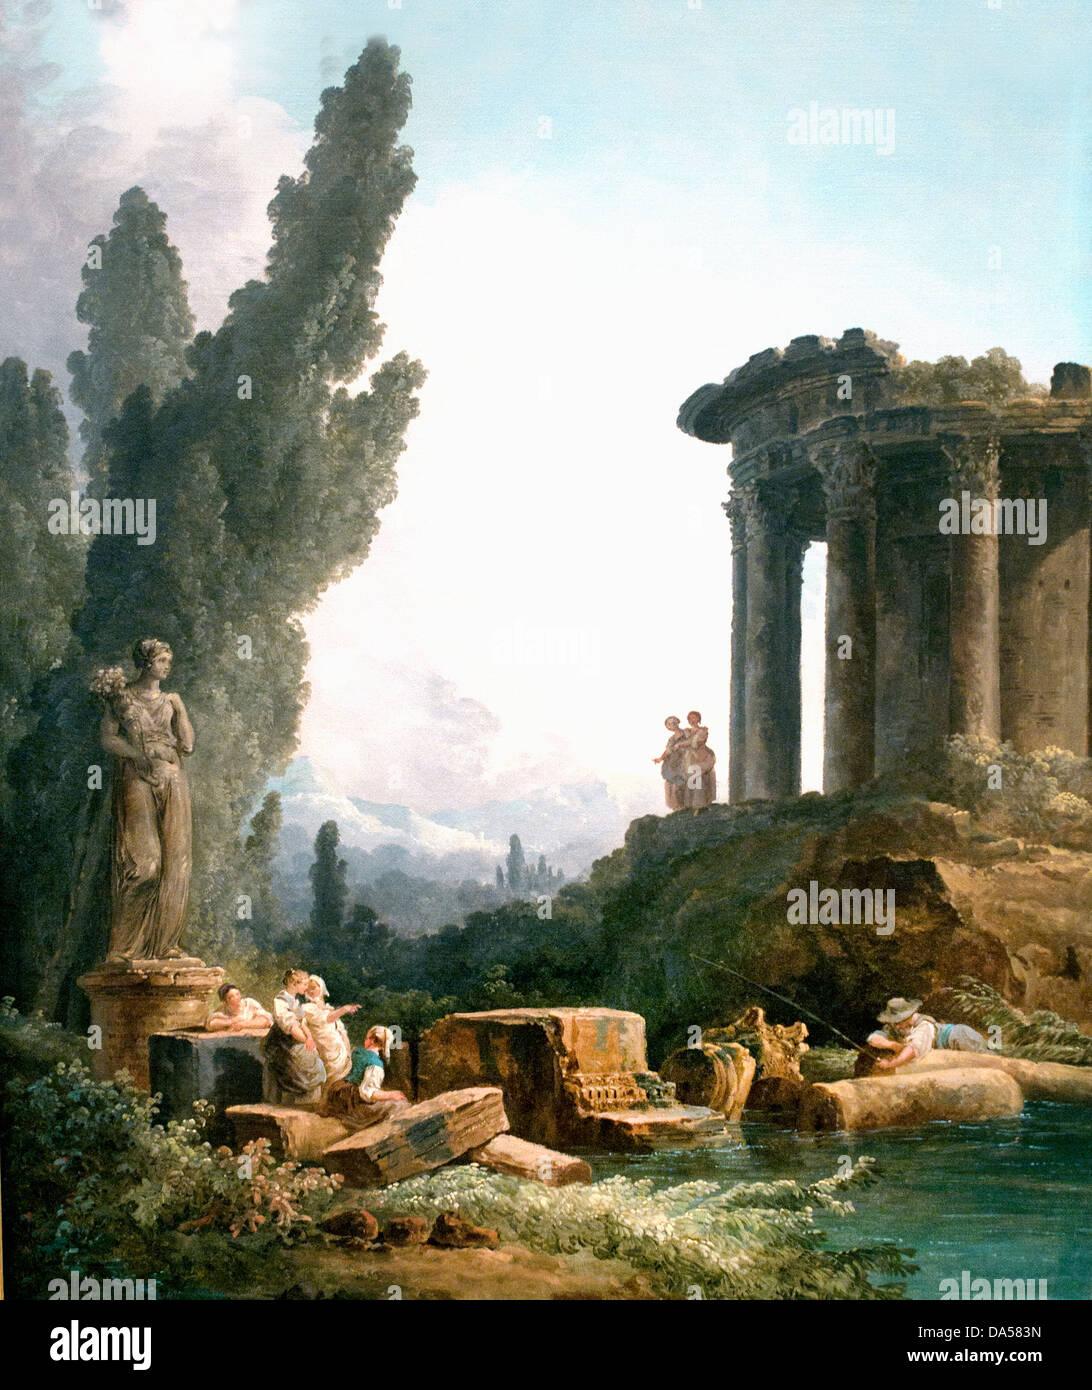 Antike Ruinen Mädchen vor einer Statue vor einer Statue von Fülle 1779 Hubert Robert 1733-1808 Frankreich Stockbild